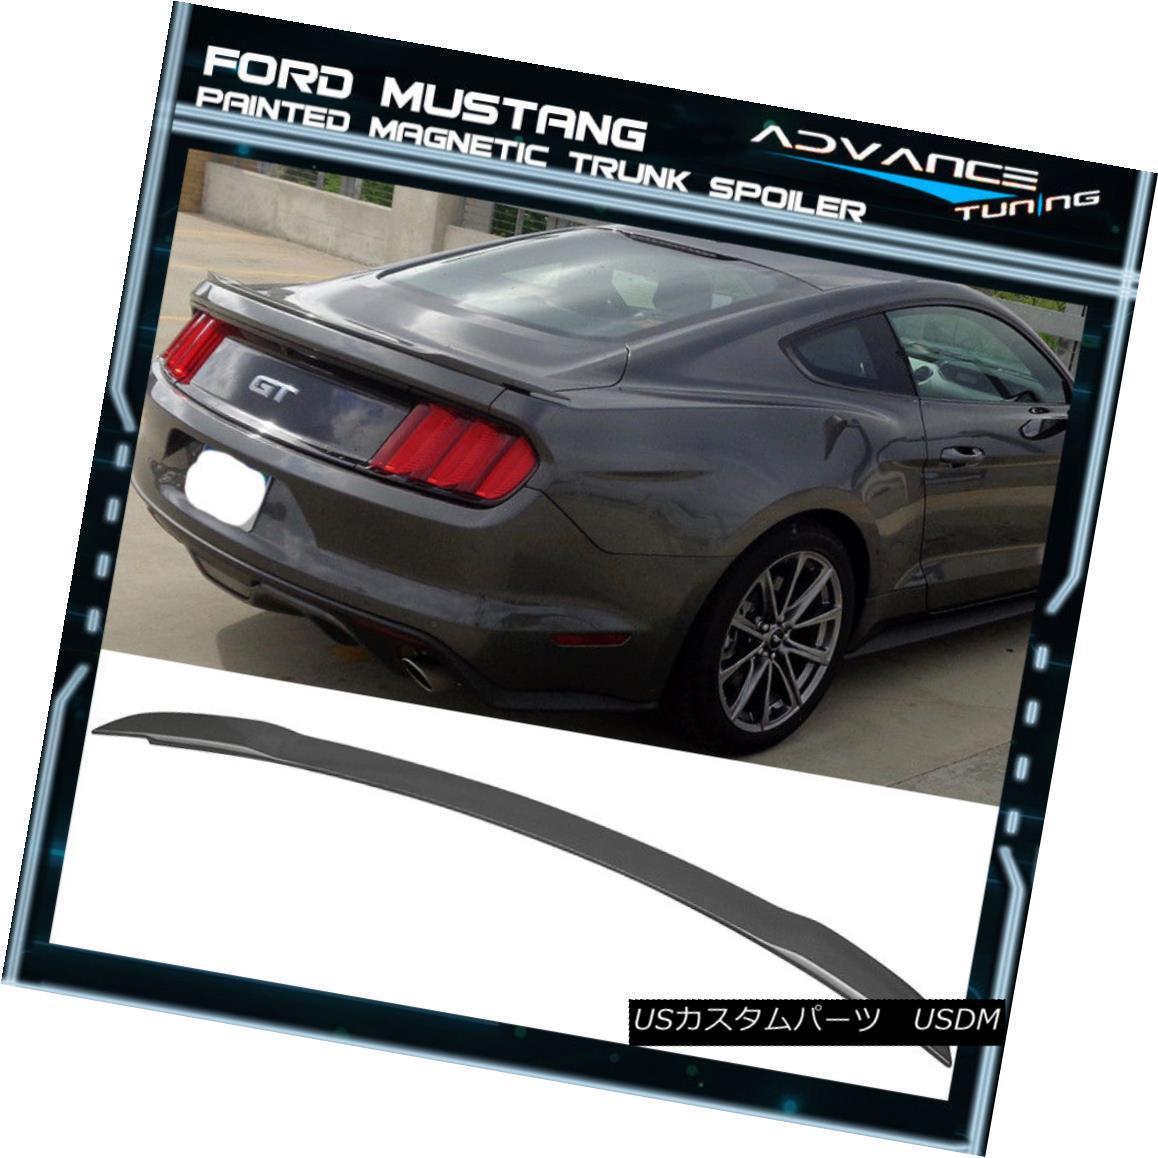 エアロパーツ 15-18 Ford Mustang GT Style Trunk Spoiler OEM Painted Color Magnetic ABS 15-18フォードマスタングGTスタイルのトランクスポイラーOEM塗装カラー磁気ABS